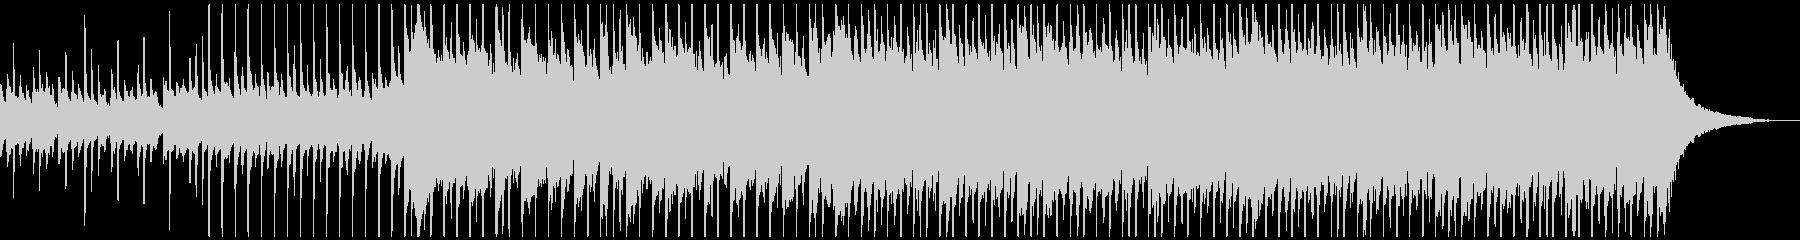 ハッピーアップビート(中)の未再生の波形